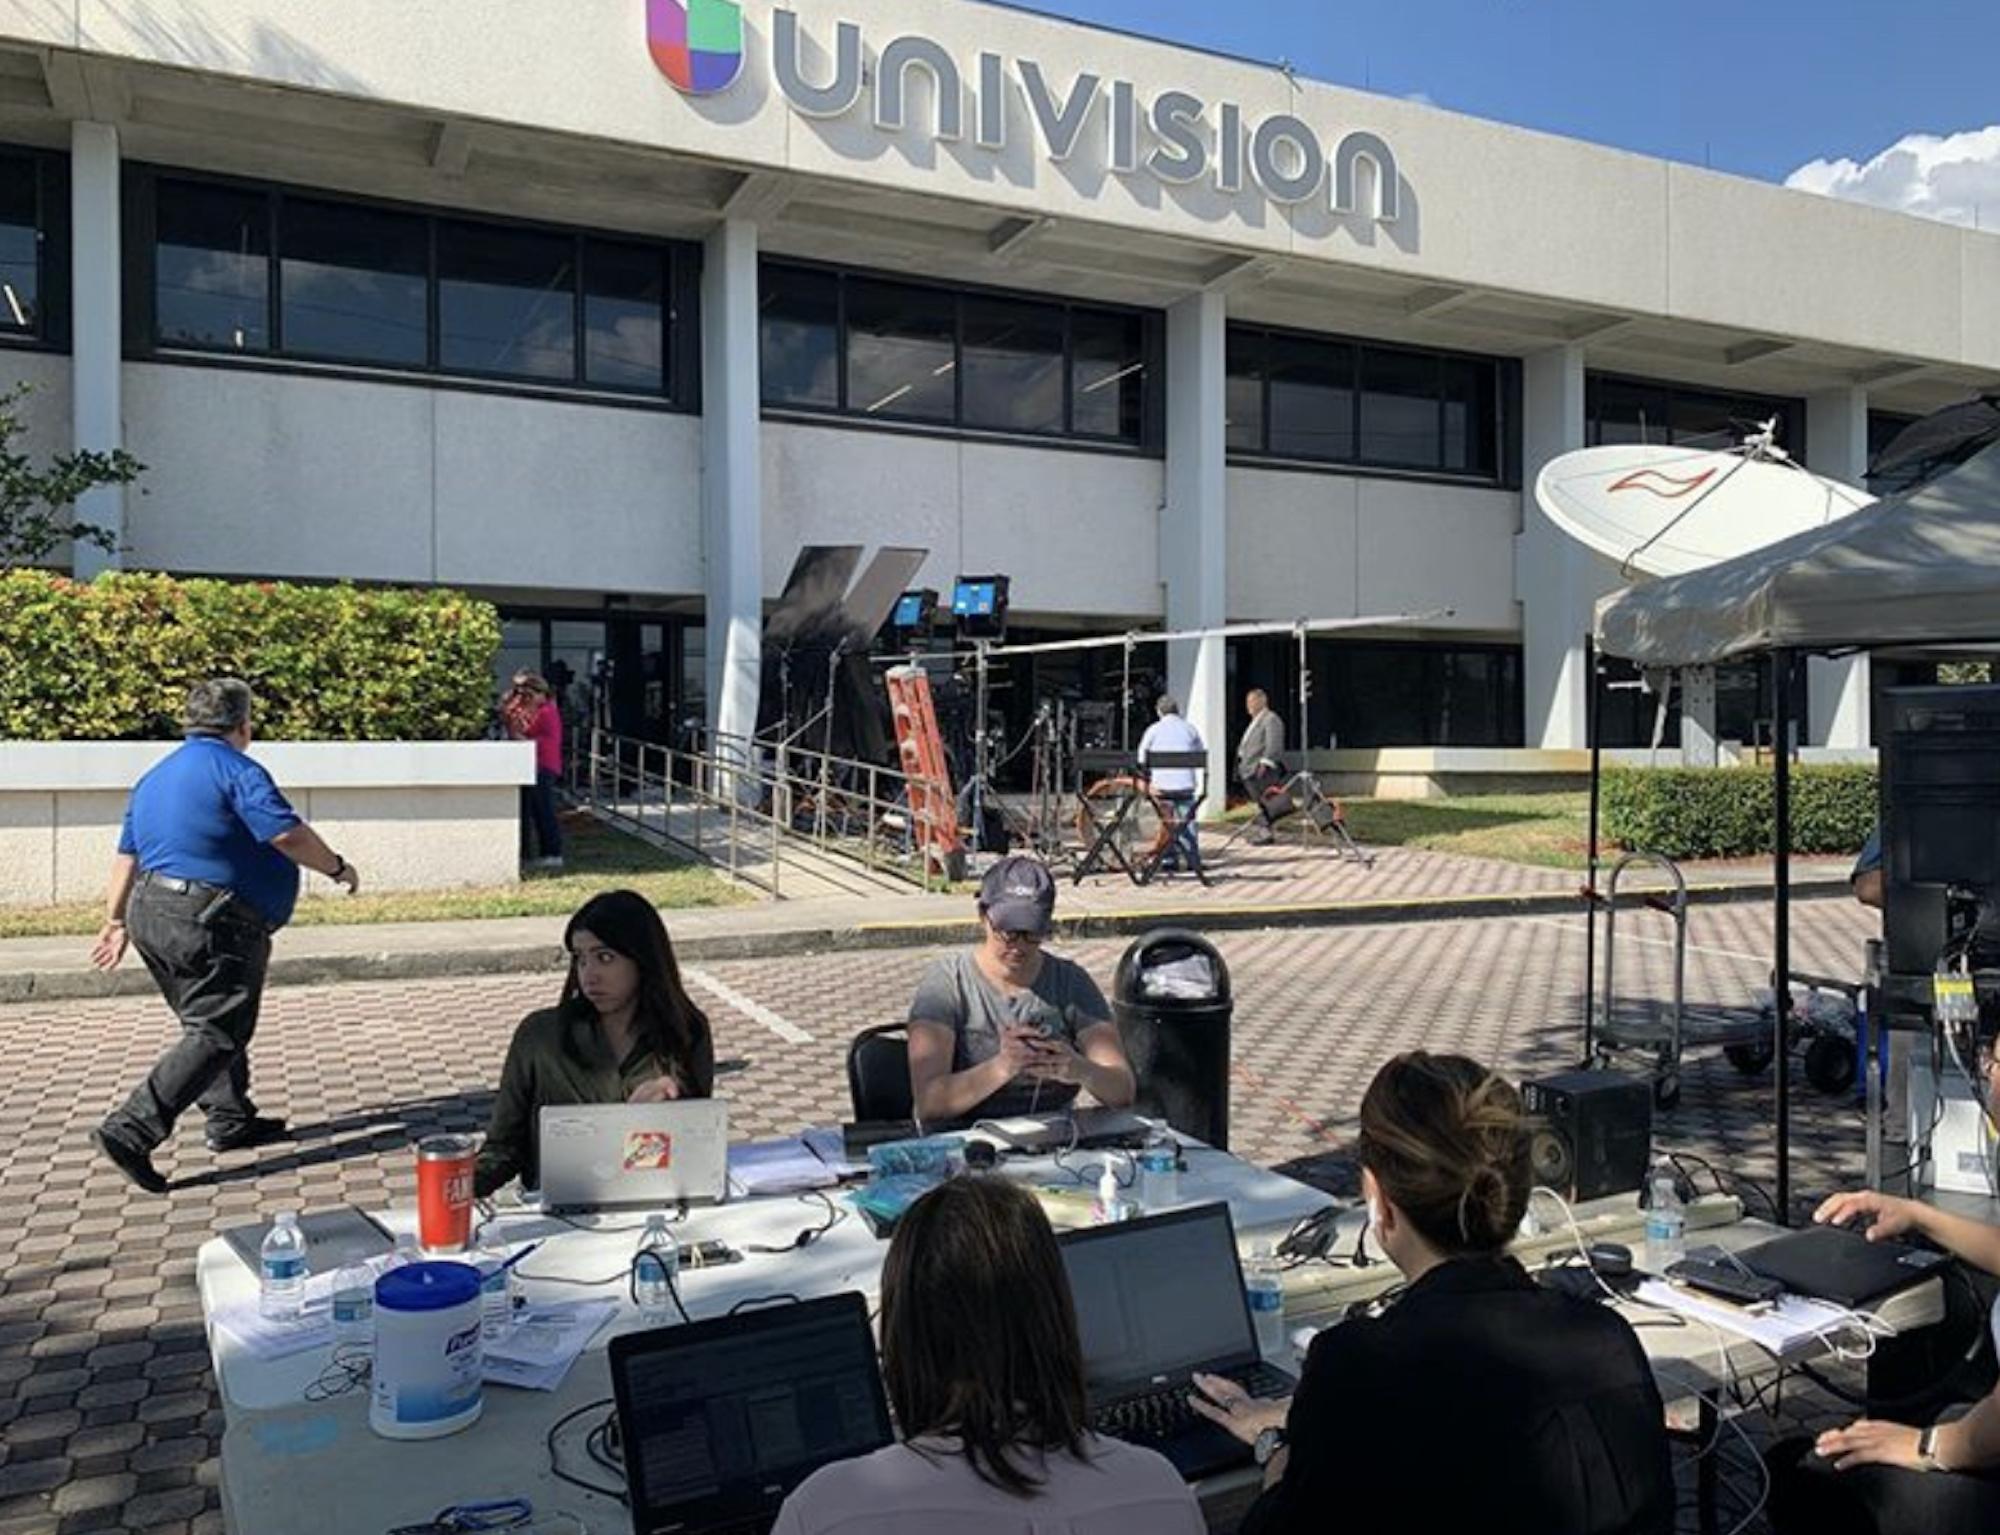 Univision coronavirus 5